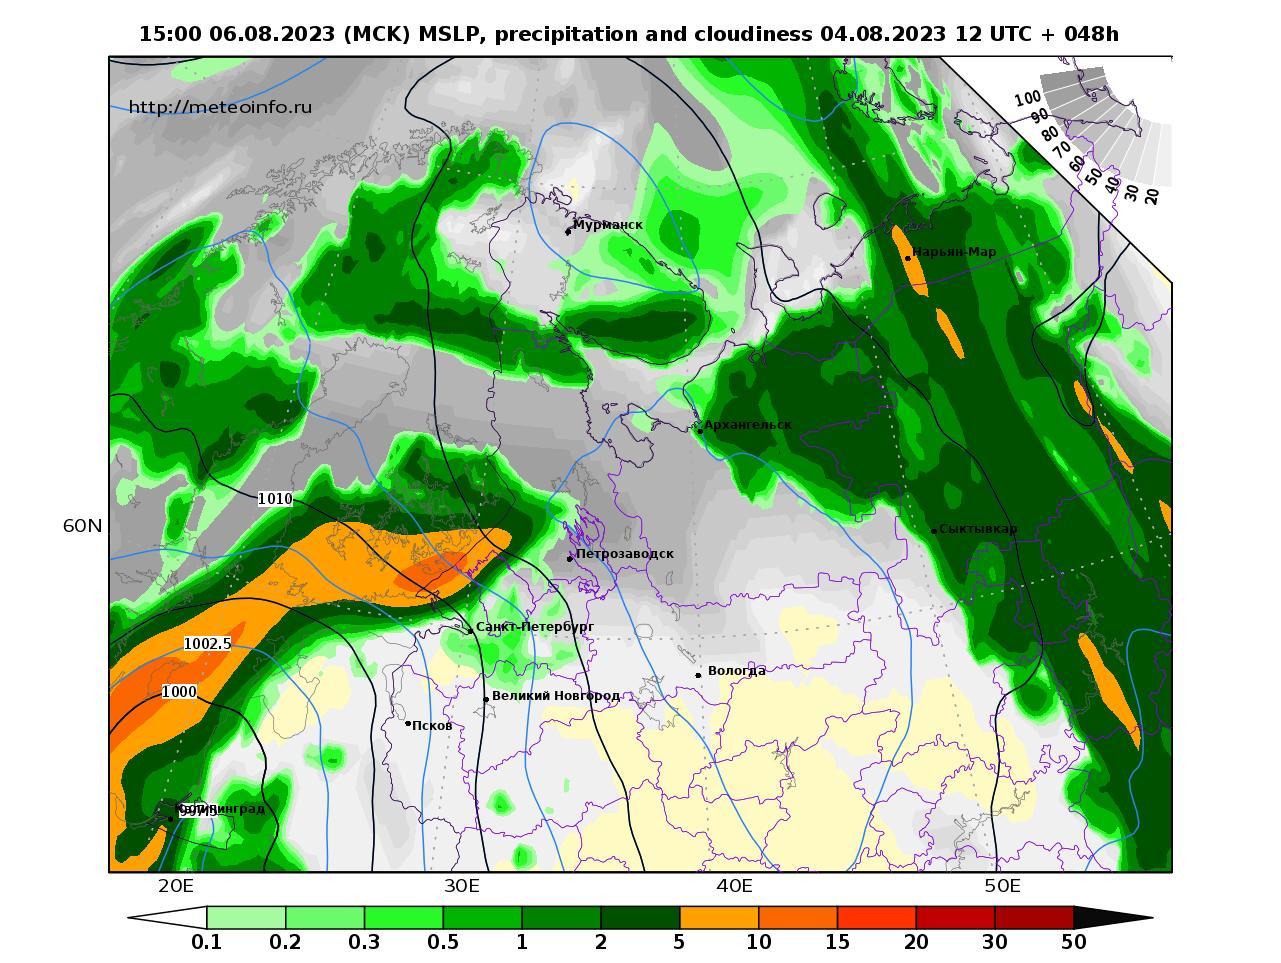 Северо-Западный Федеральный округ, прогностическая карта осадки и давление, заблаговременность прогноза 48 часов